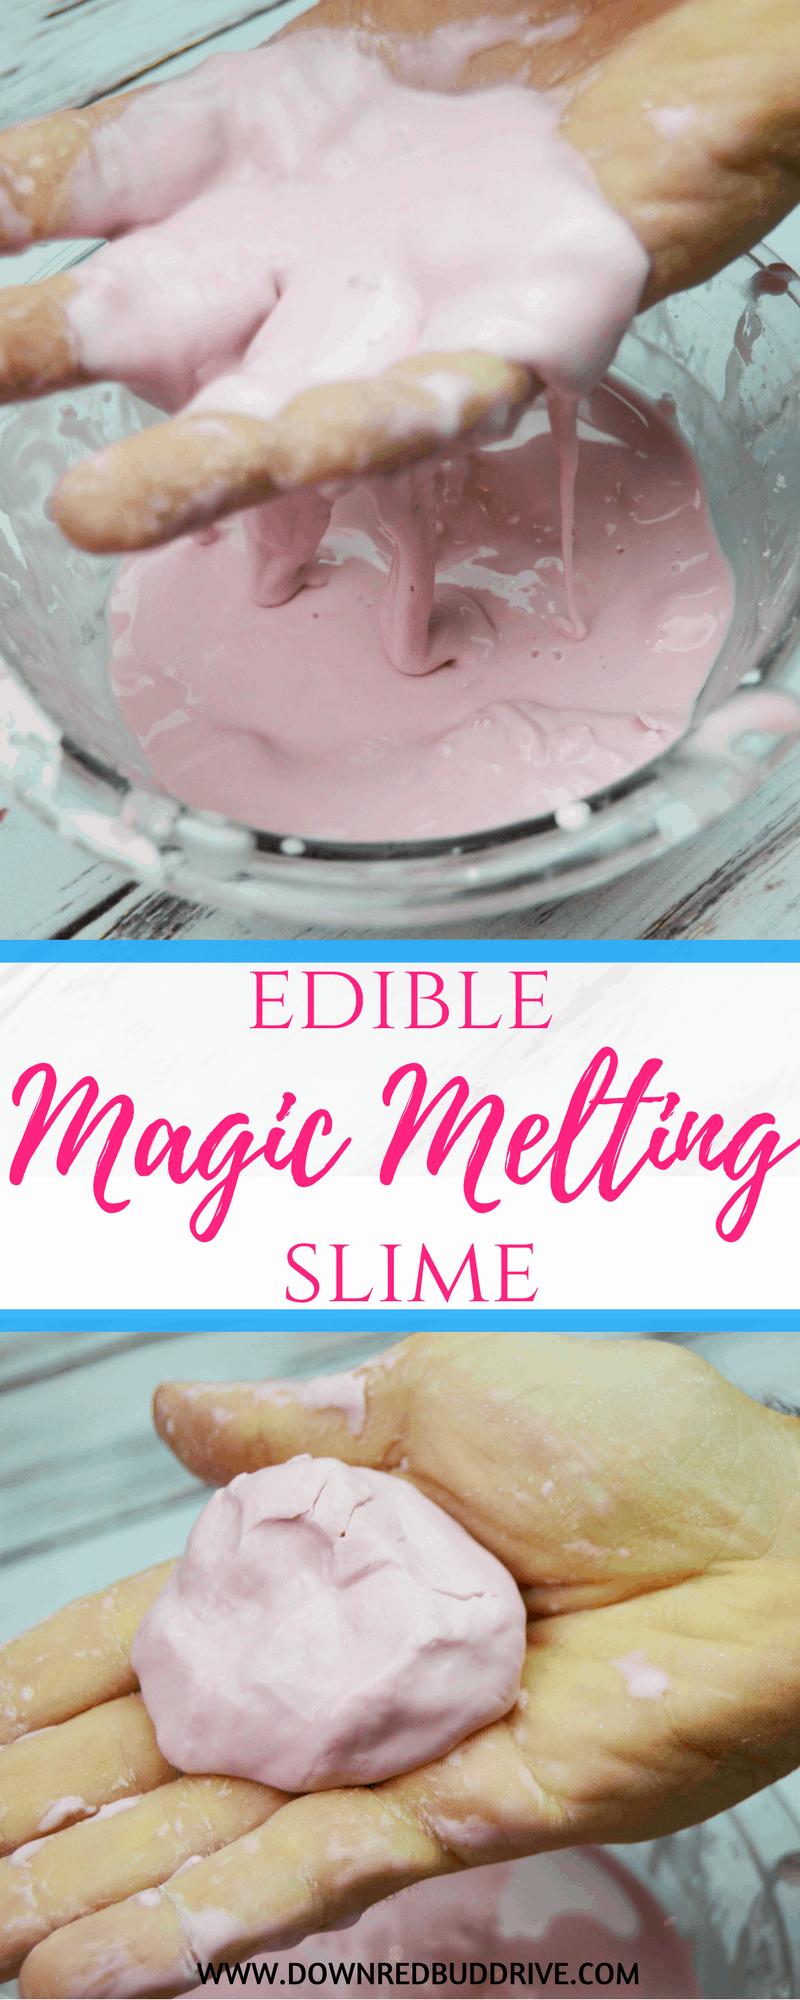 Edible Magic Melting Slime | Slime Recipe | Best Slime Recipe | Scientific Slime | Science Project | Homeschool Science | Oobleck | Edible Slime Recipe | Edible Slime | #slimerecipe #edibleslime #oobleck #edibleslimerecipe